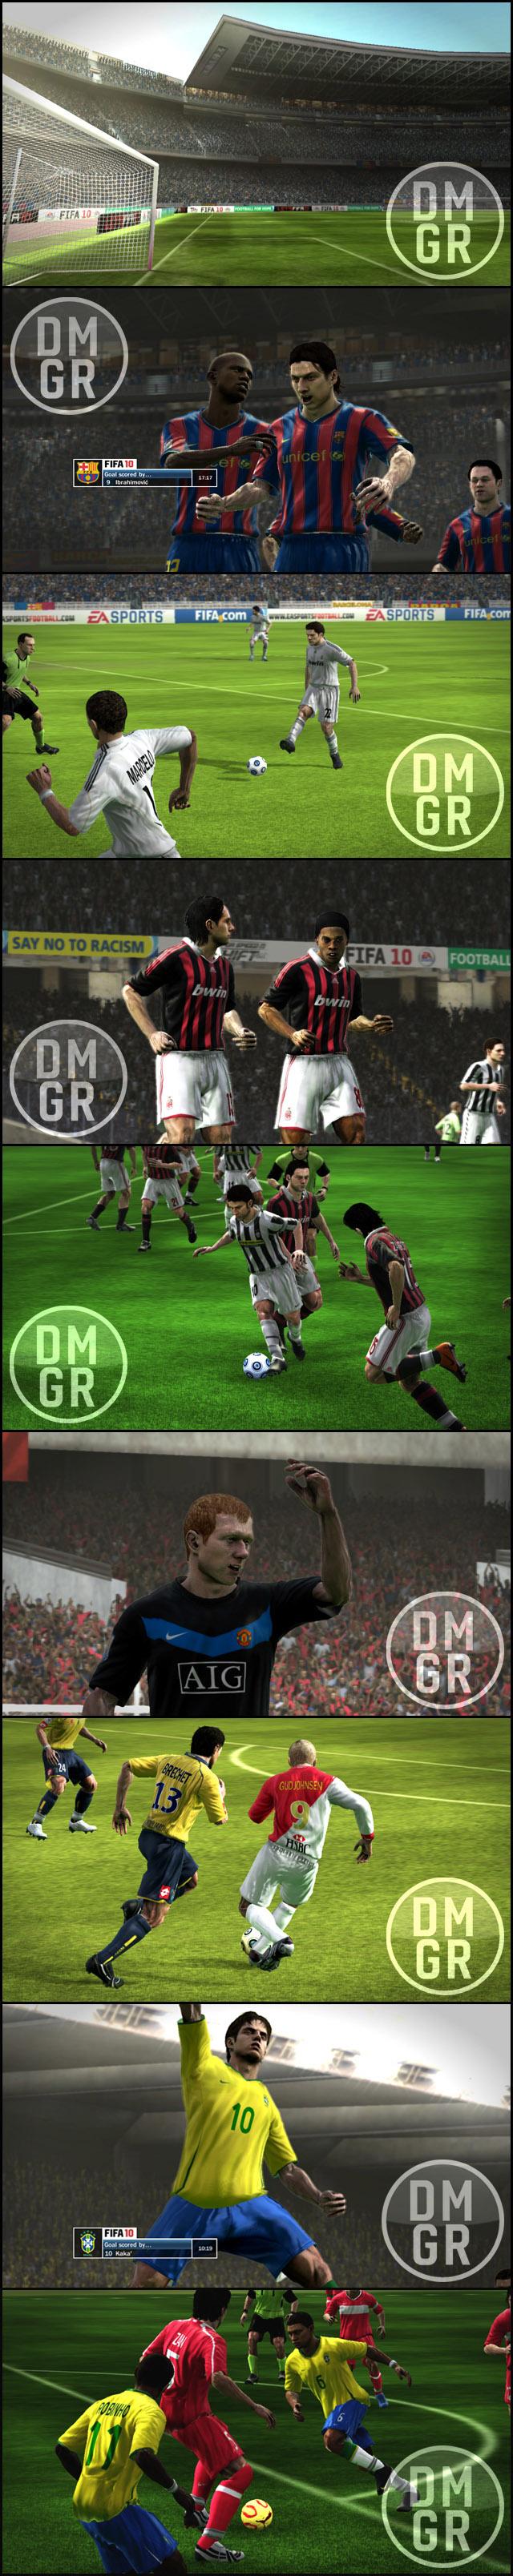 oneshotpreview - Melhoram os gráficos do FIFA 10 com um Mod